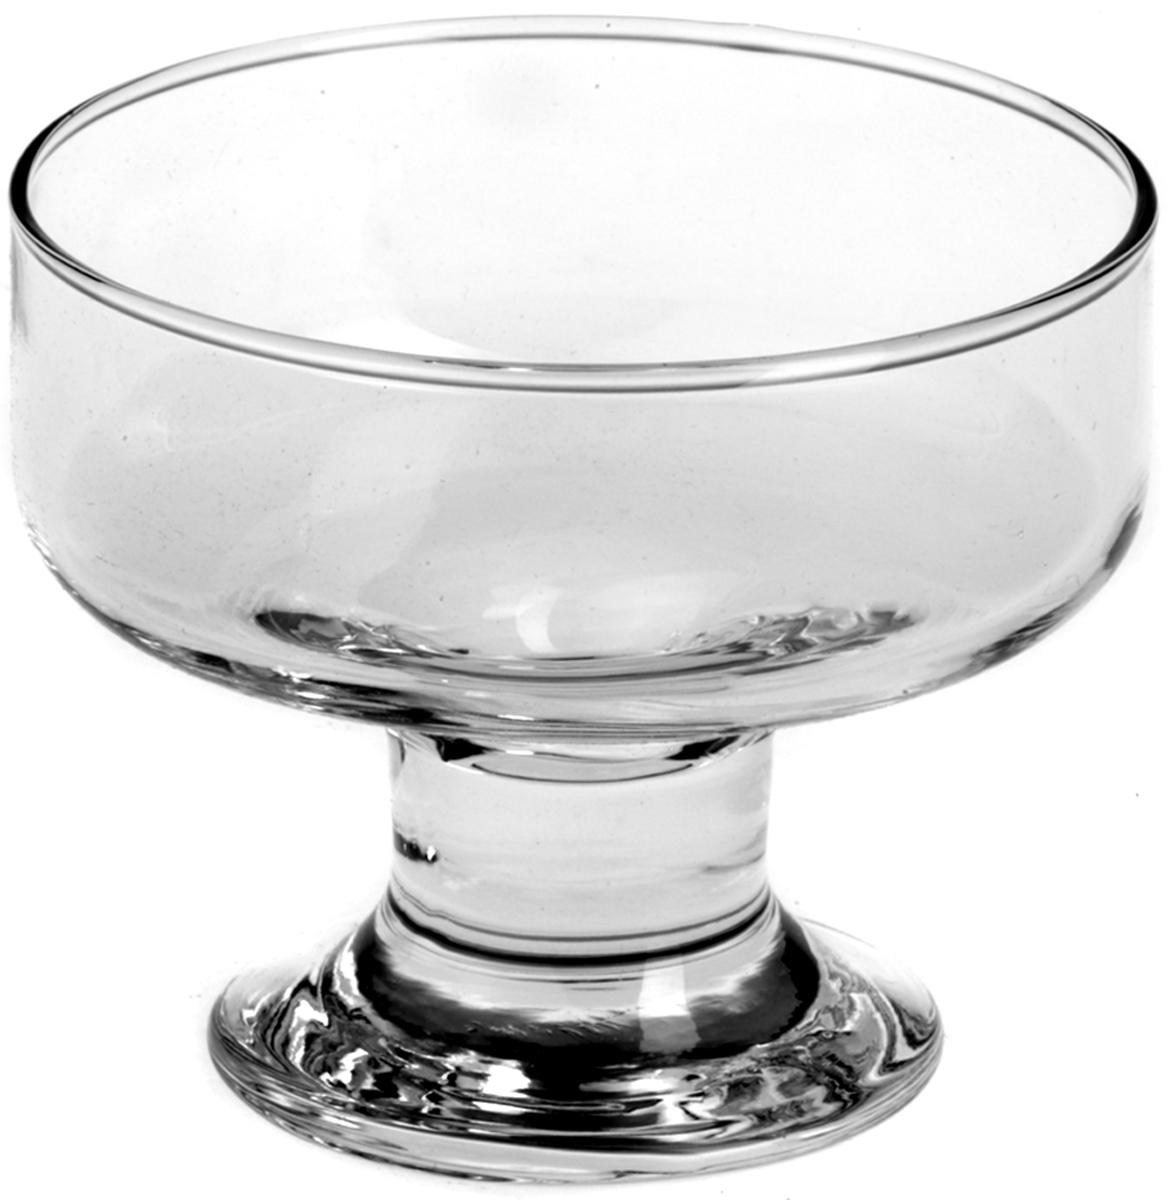 """Набор Pasabahce """"Ice Ville"""" состоит из трех креманок, выполненных из стекла. Изделия оснащены ножками. Креманки сочетают в себе элегантный дизайн и функциональность. Диаметр: 10 см. Высота: 8,9 см."""